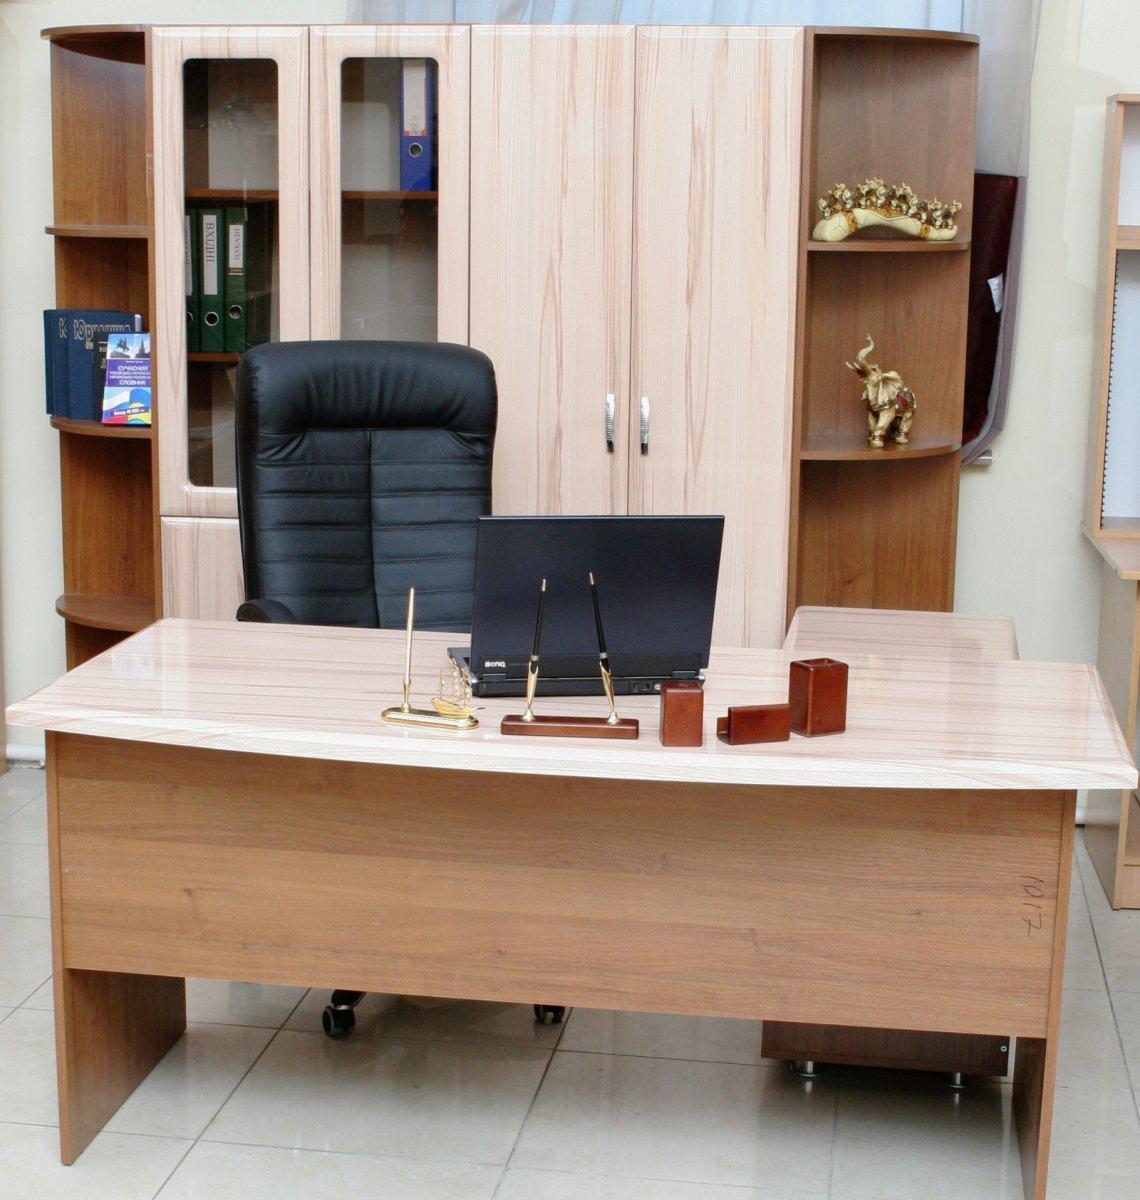 Мебель для офиса Элит: серия мебели для руководителя Элит - доп. фото